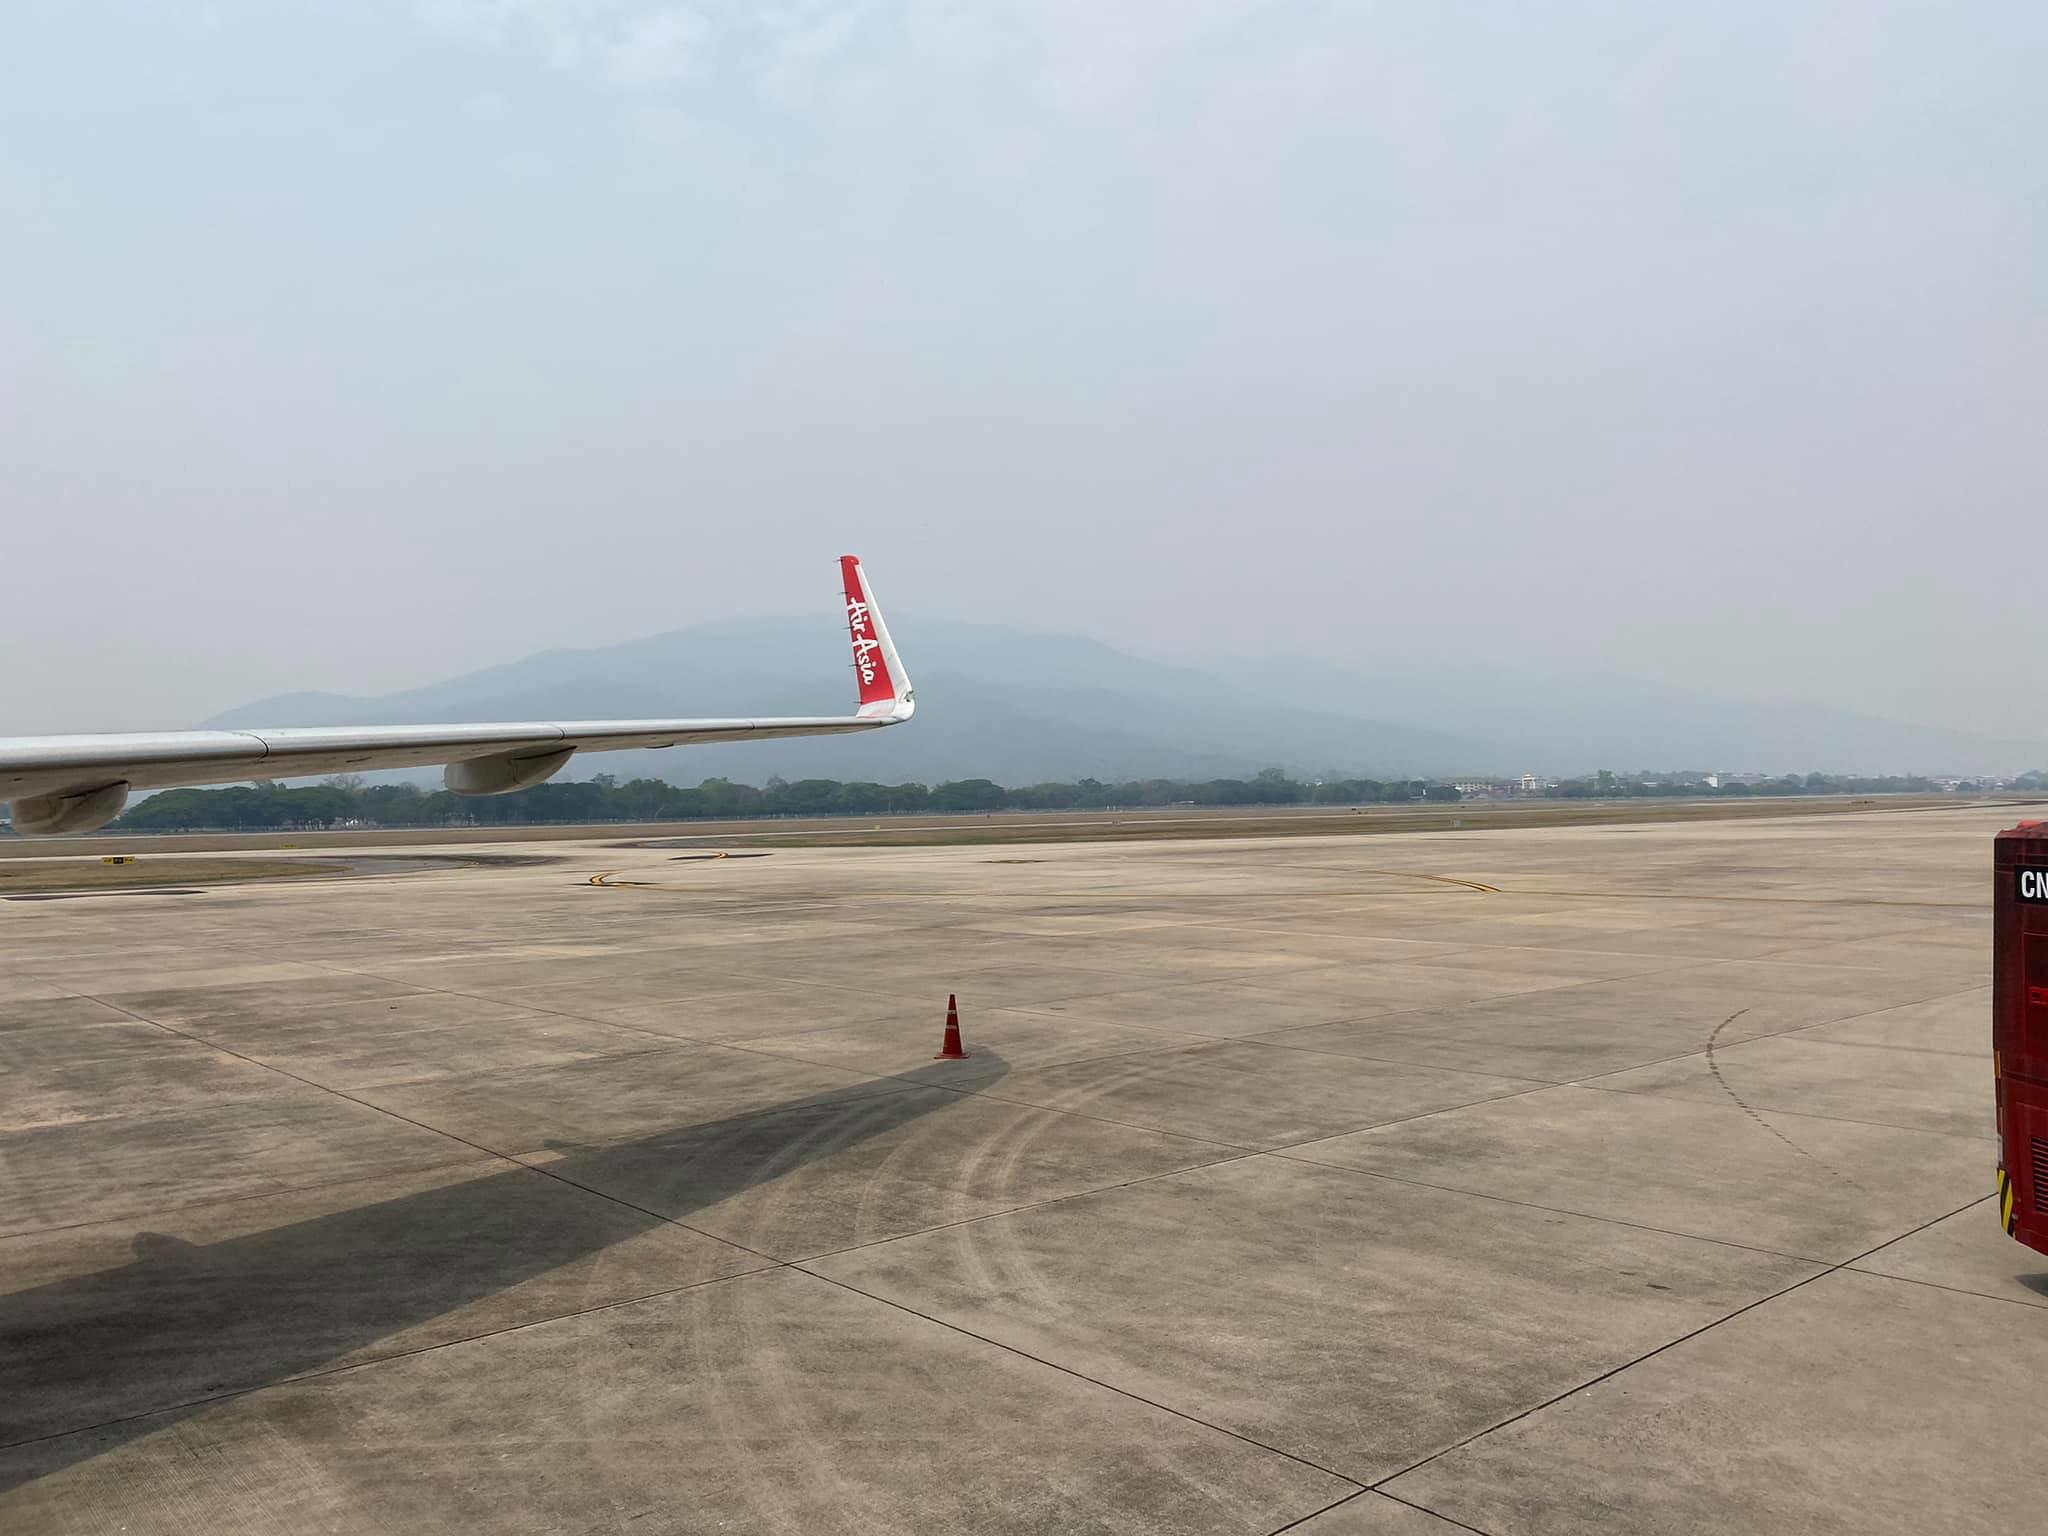 ภาพฝุ่นควันที่สนามบินเชียงใหม่ วันที่ 3 เม.ย. 2564